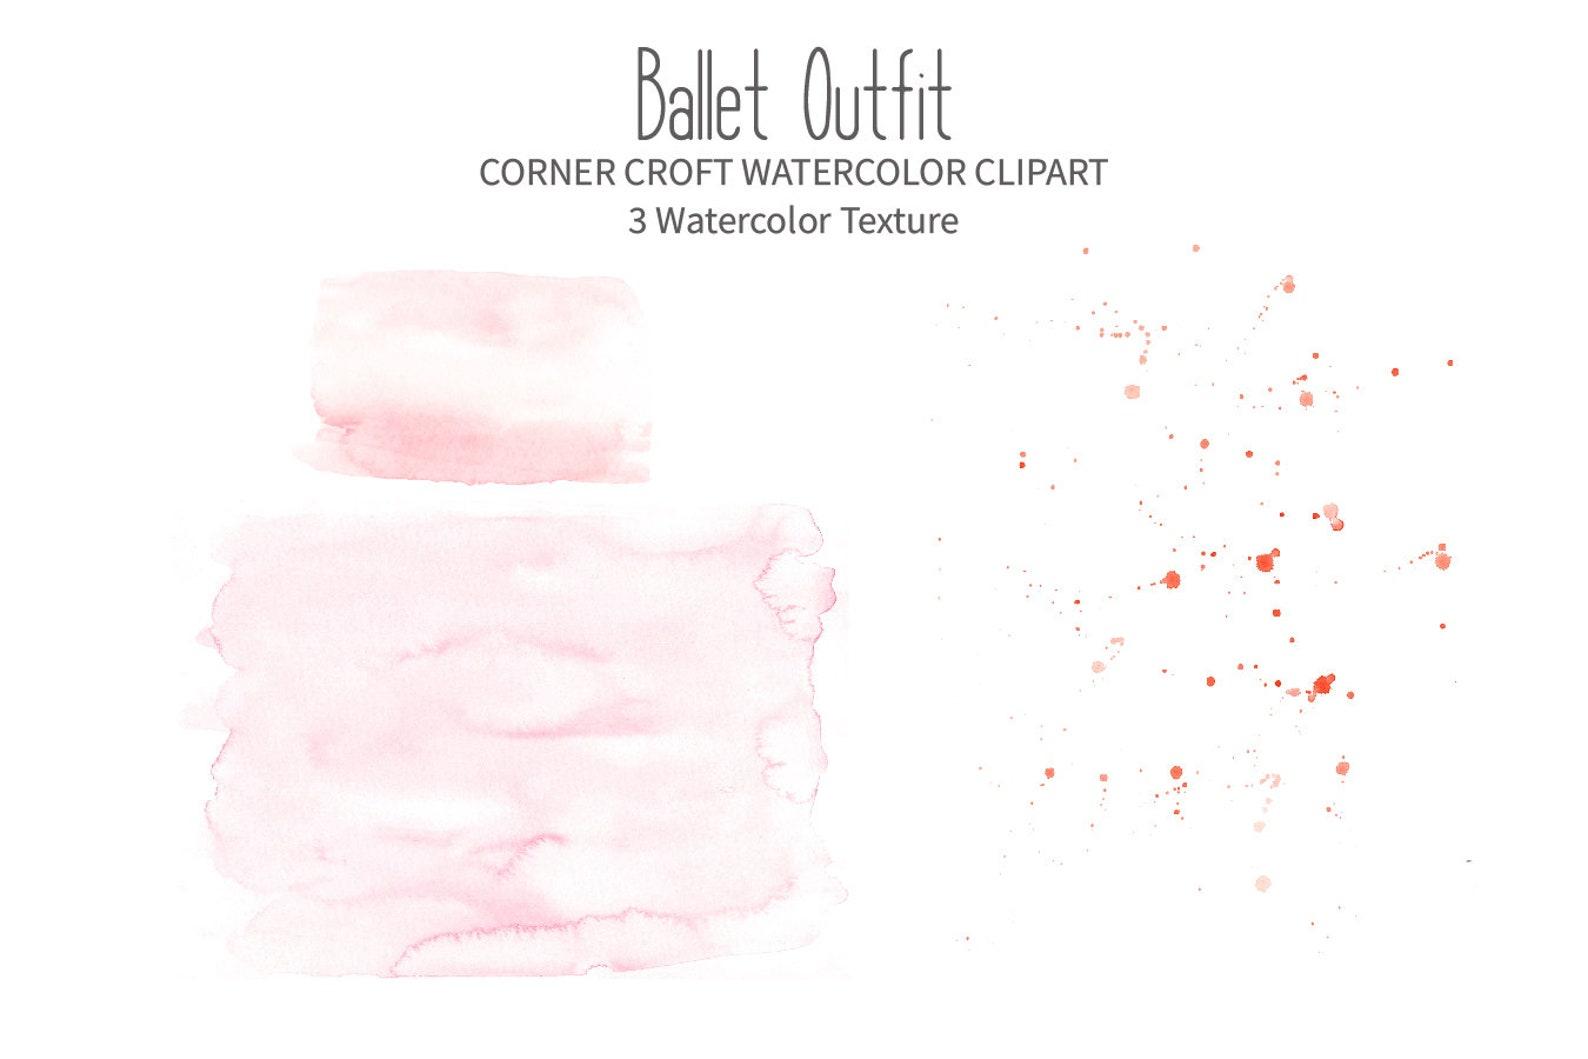 watercolor ballet outfit clipart, ballet shoes, ballet costume, ballet dress, tutu, instant download